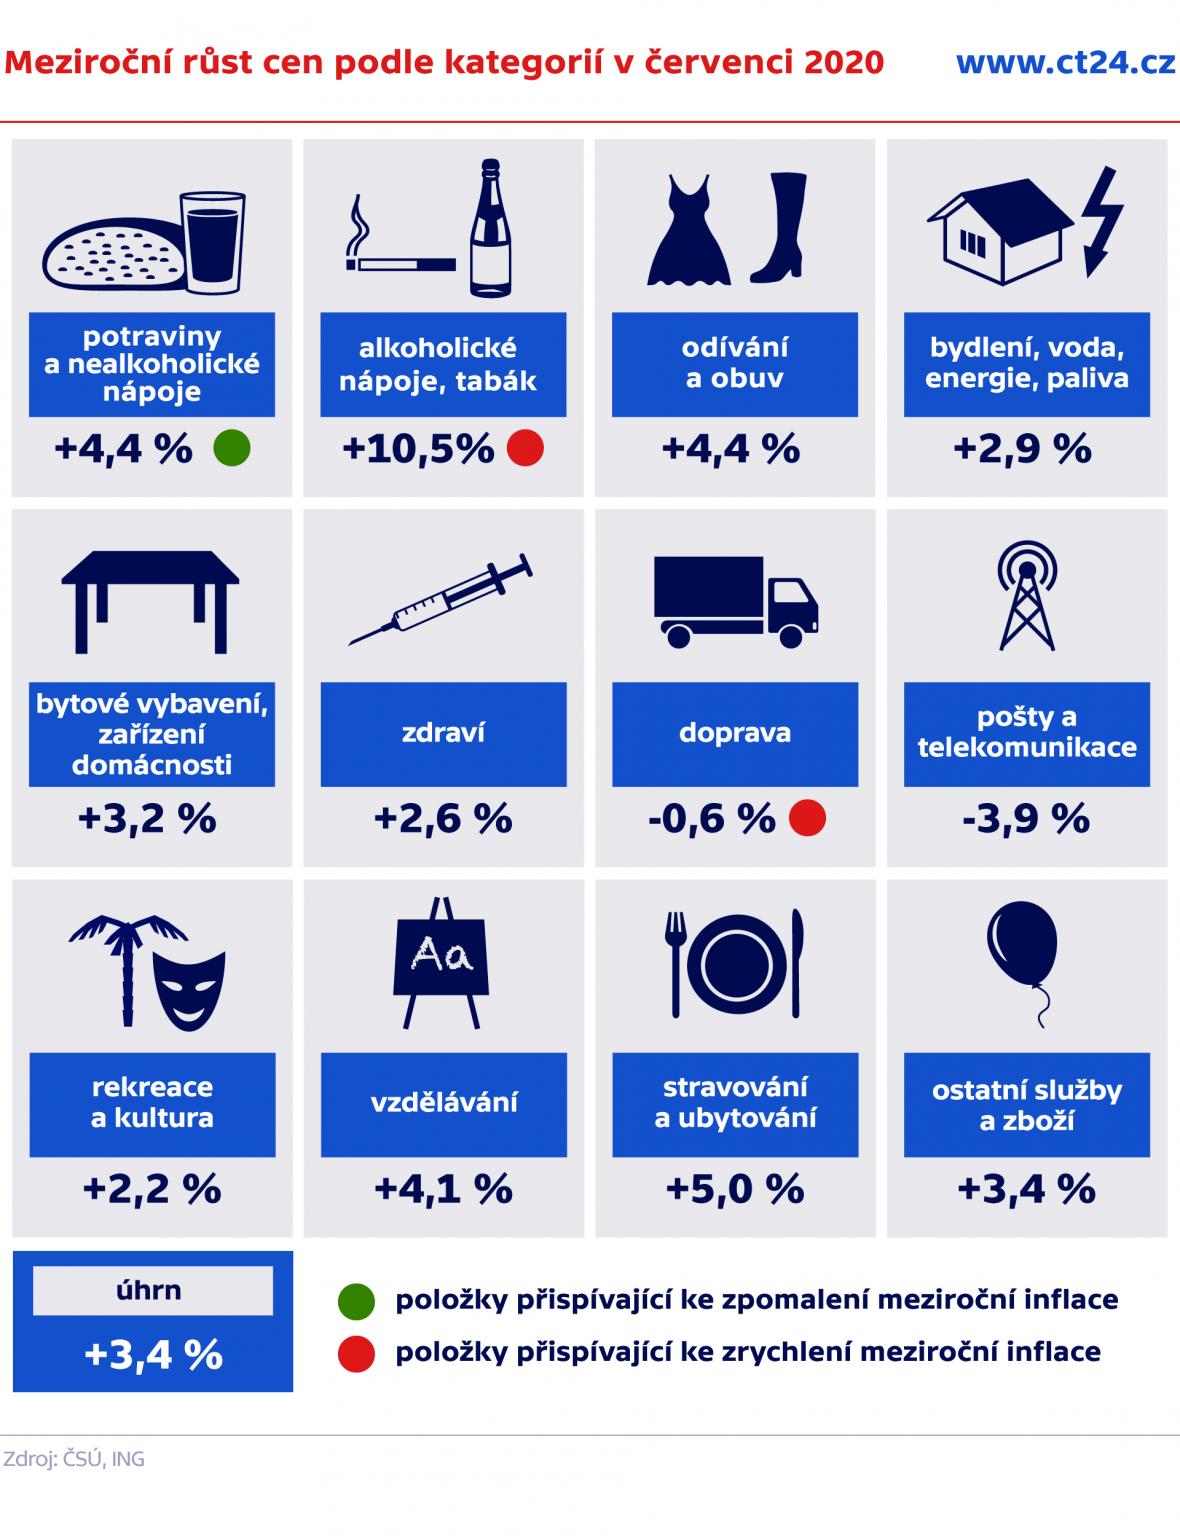 Meziroční růst cen podle kategorií v červenci 2020